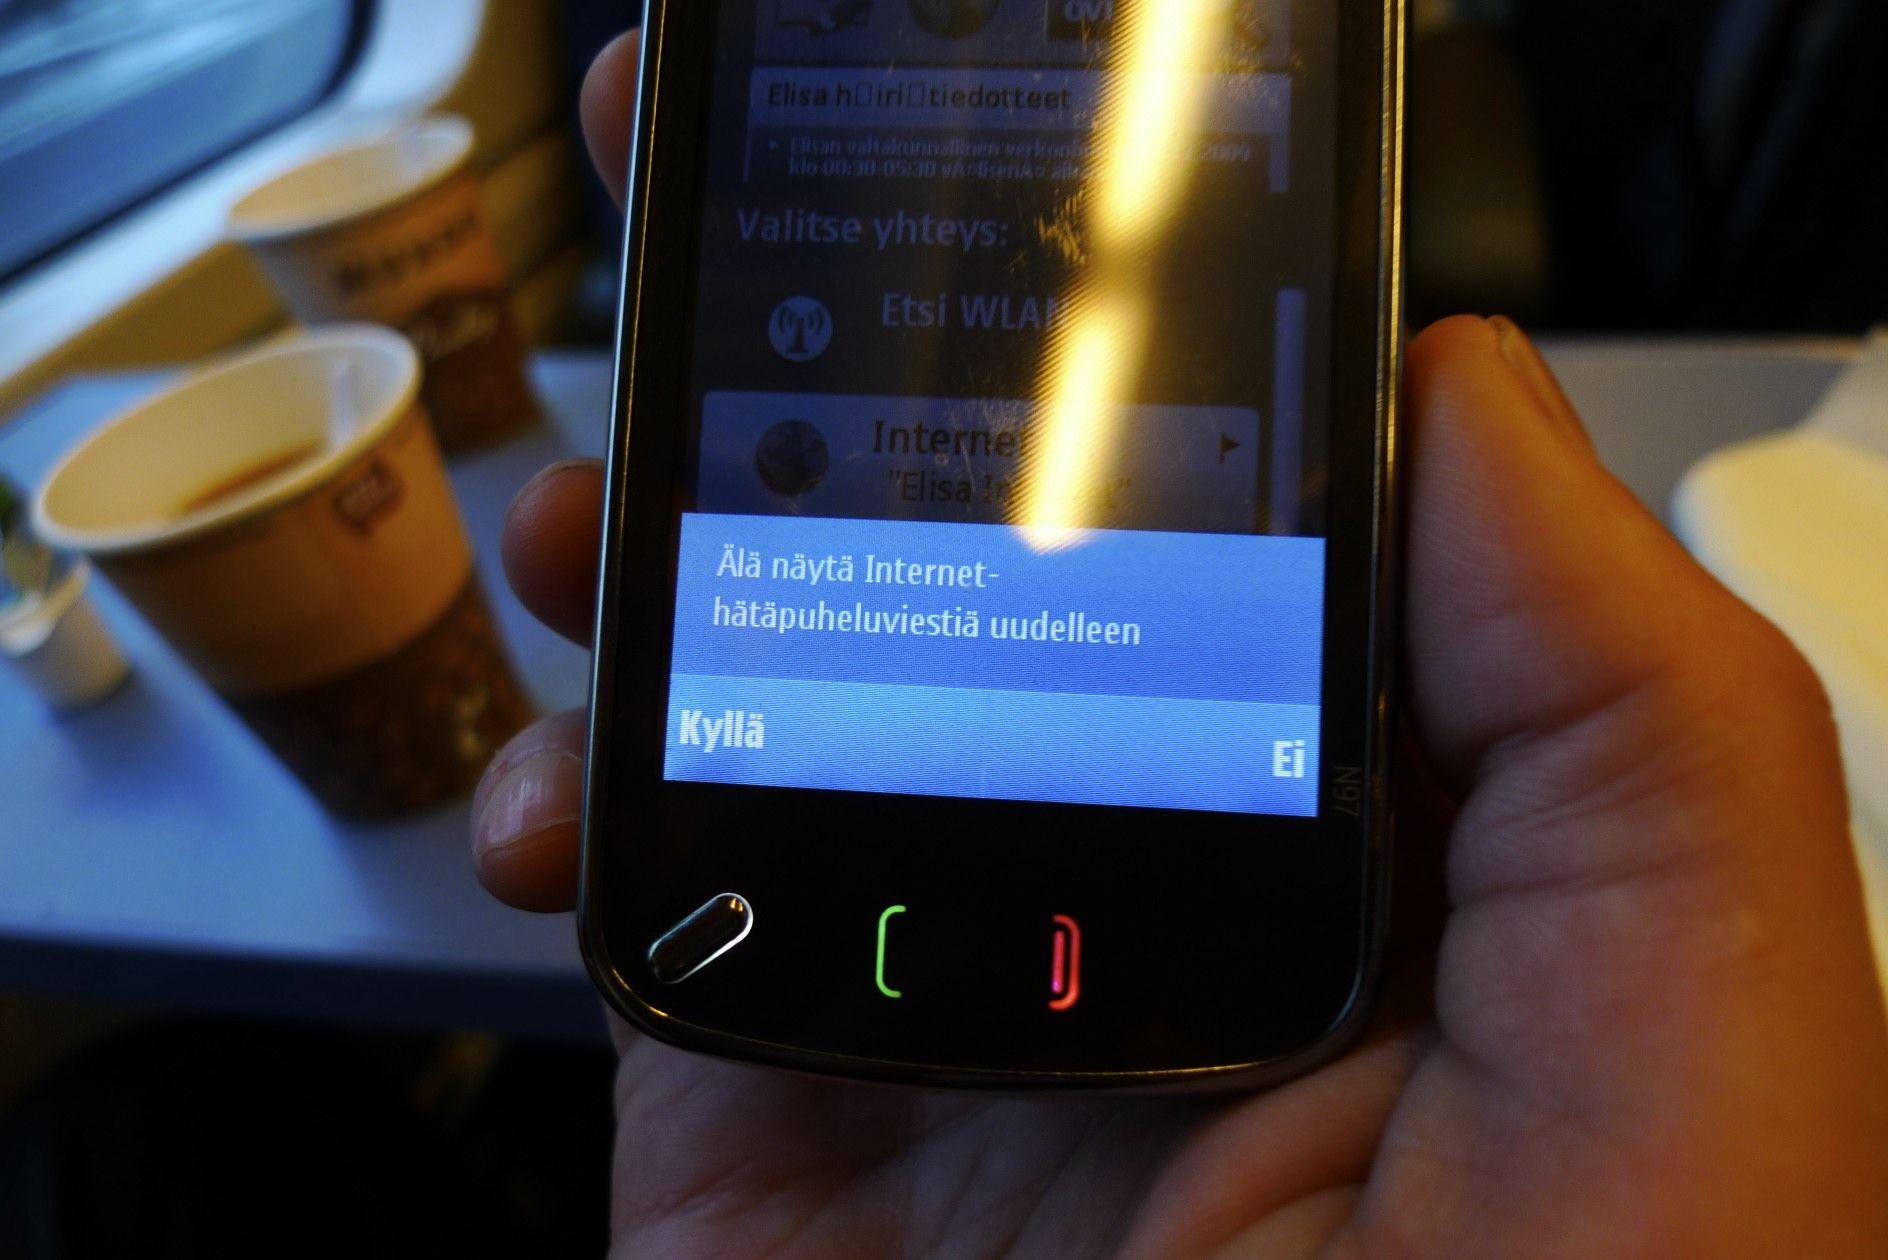 Symbian dialog:     Do not show the Internet emergengy call message again.    [Yes] [No]   ||| Symbian-dialogi:     Älä näytä näytä Internet-hätäpuheluviestiä uudelleen.     [Kyllä] [Ei]